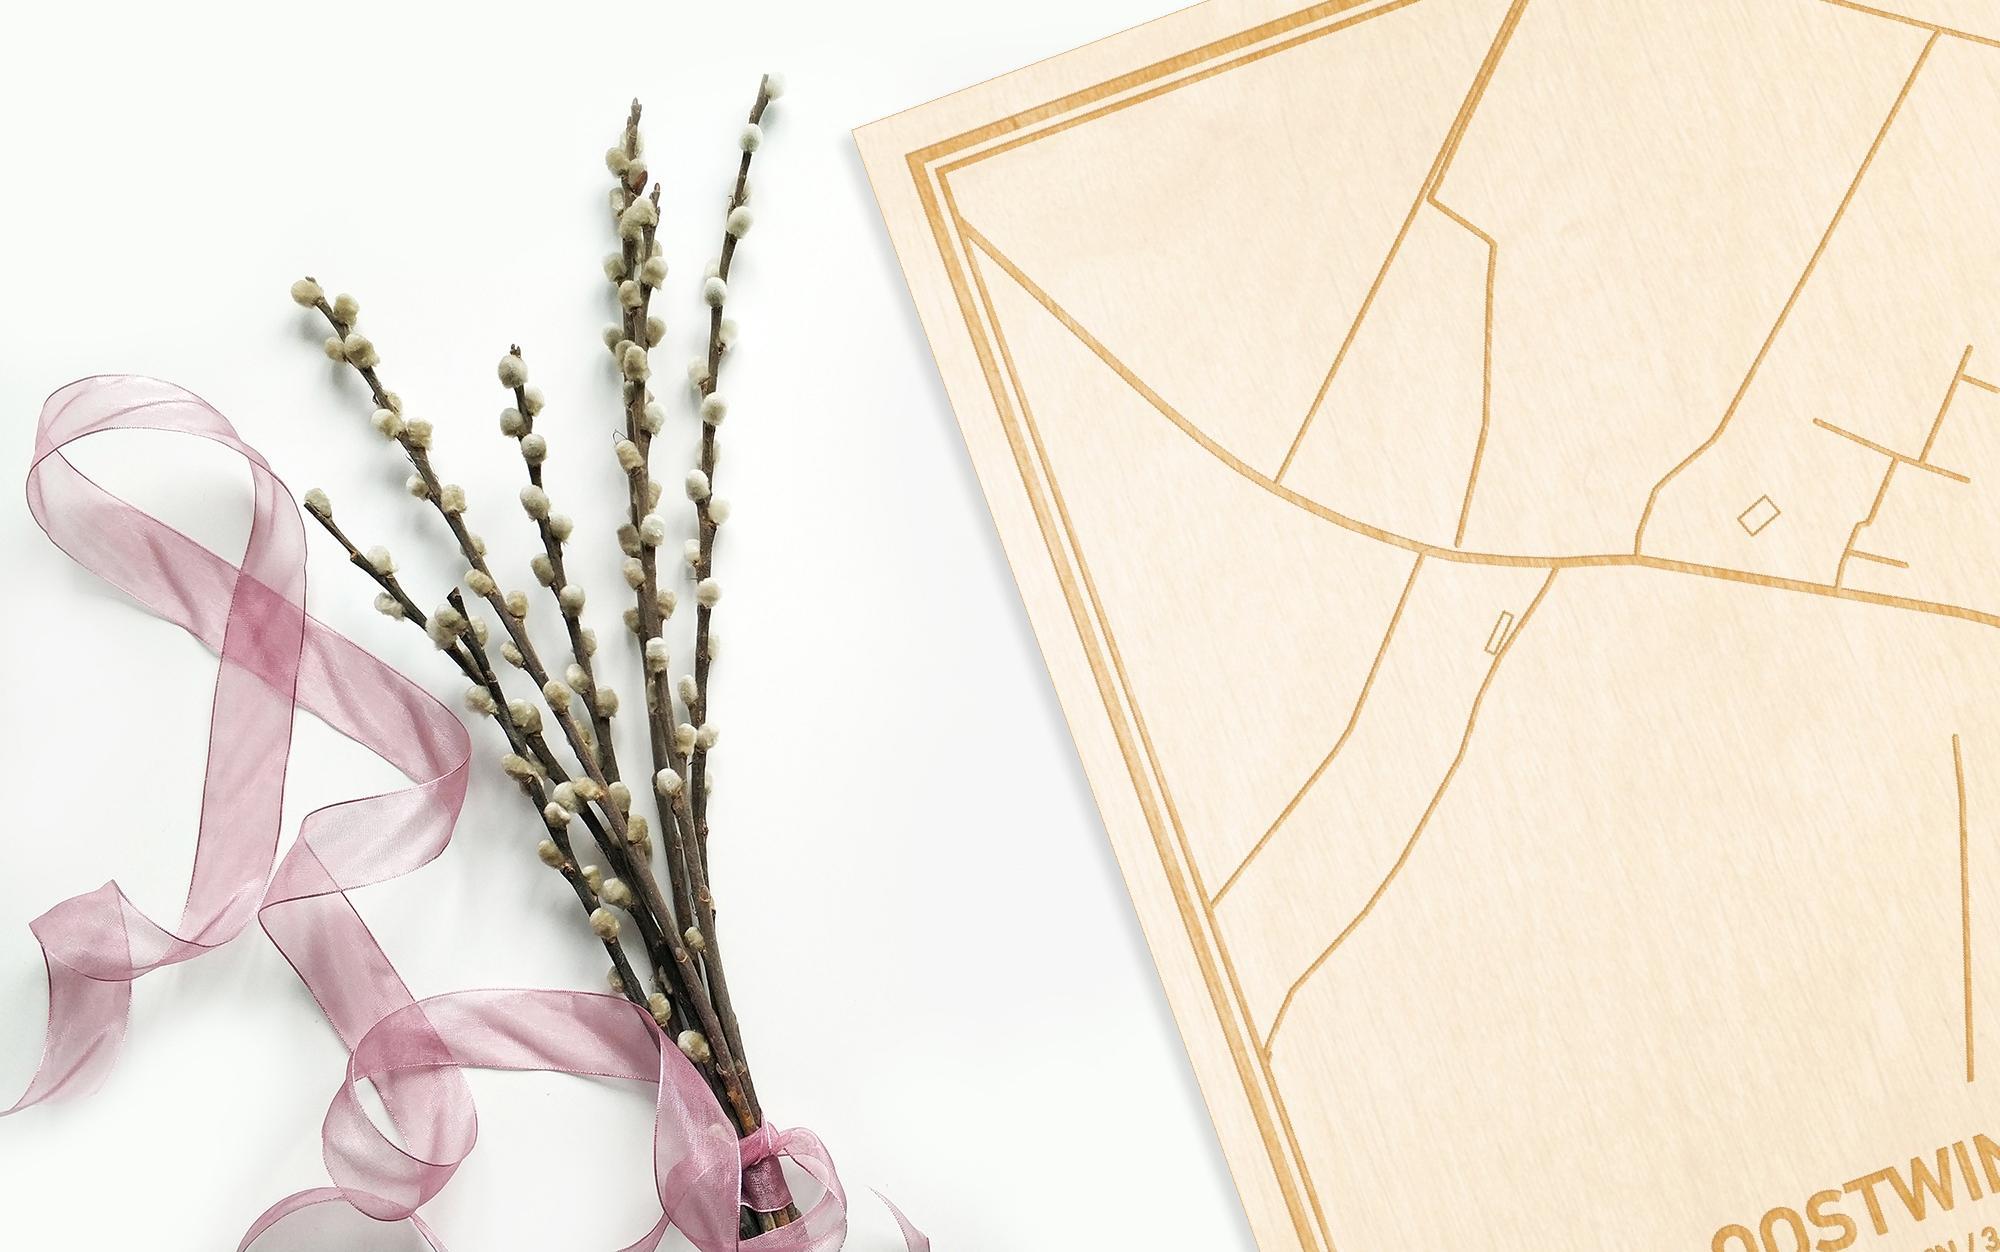 Hier ligt de houten plattegrond Oostwinkel naast een bloemetje als gepersonaliseerd cadeau voor haar.